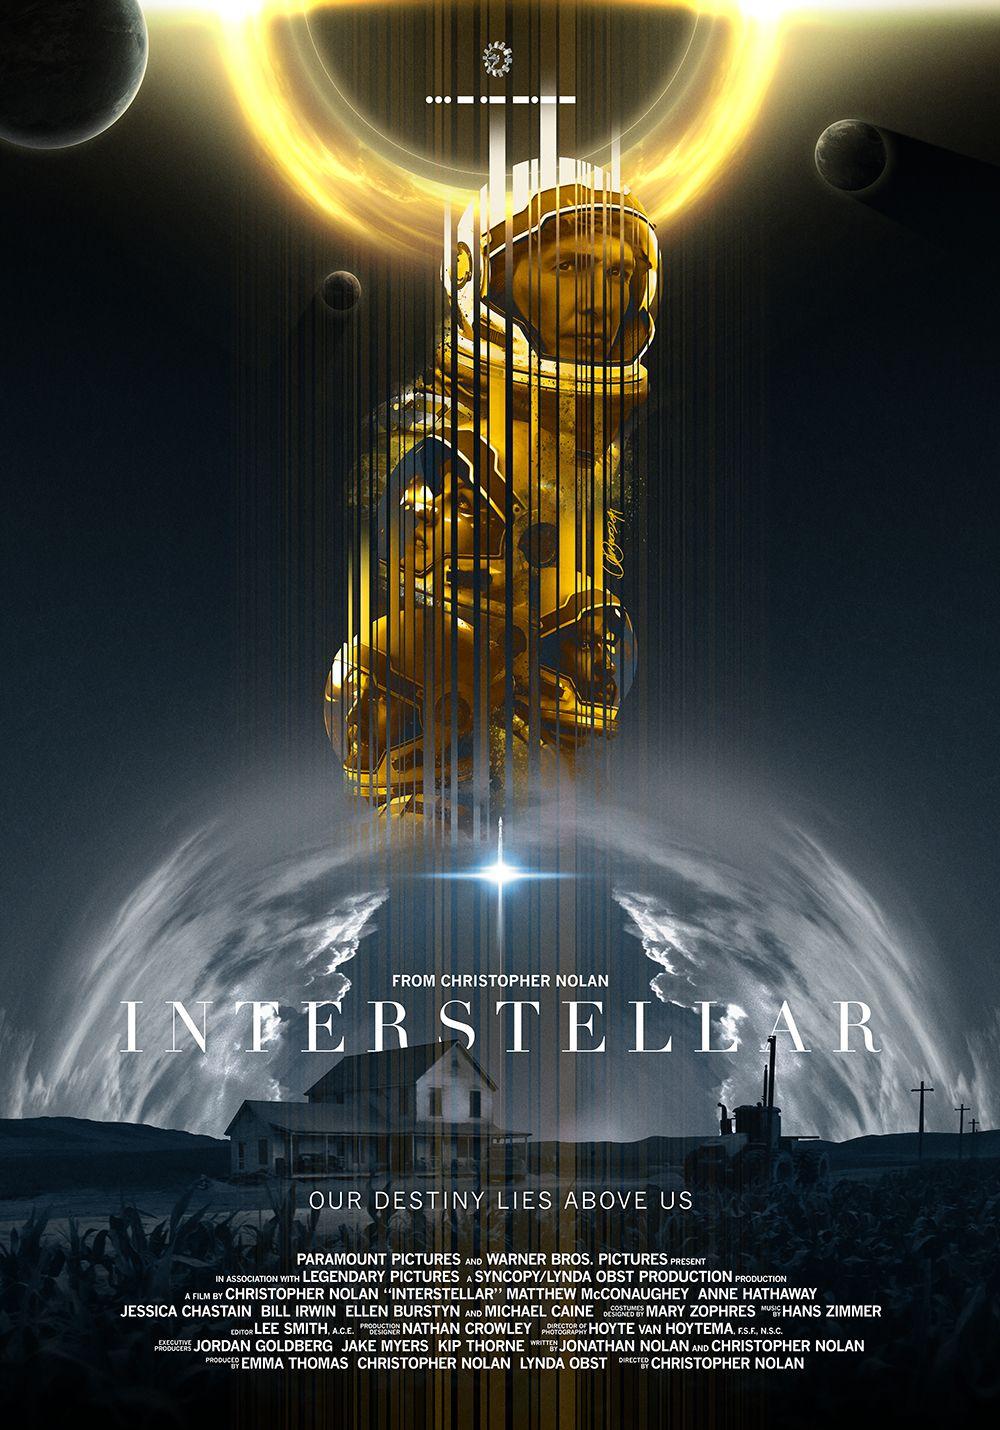 Interstellar Poster Laura Racero Interstellar Movie Poster Interstellar Movie Interstellar Posters